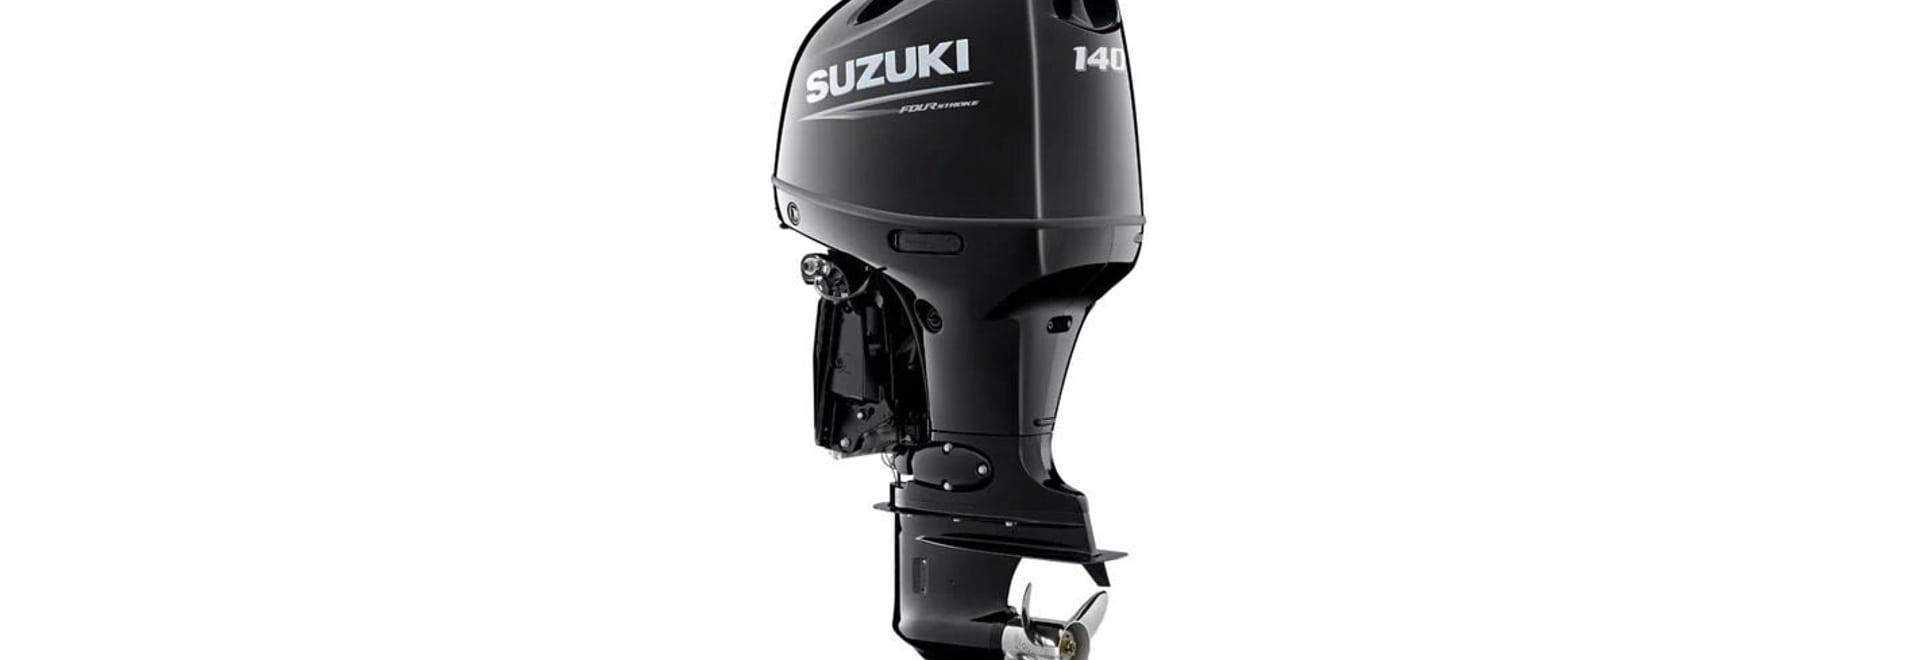 Suzuki Marine kündigt neue 140/115 Außenborder-Plattform an